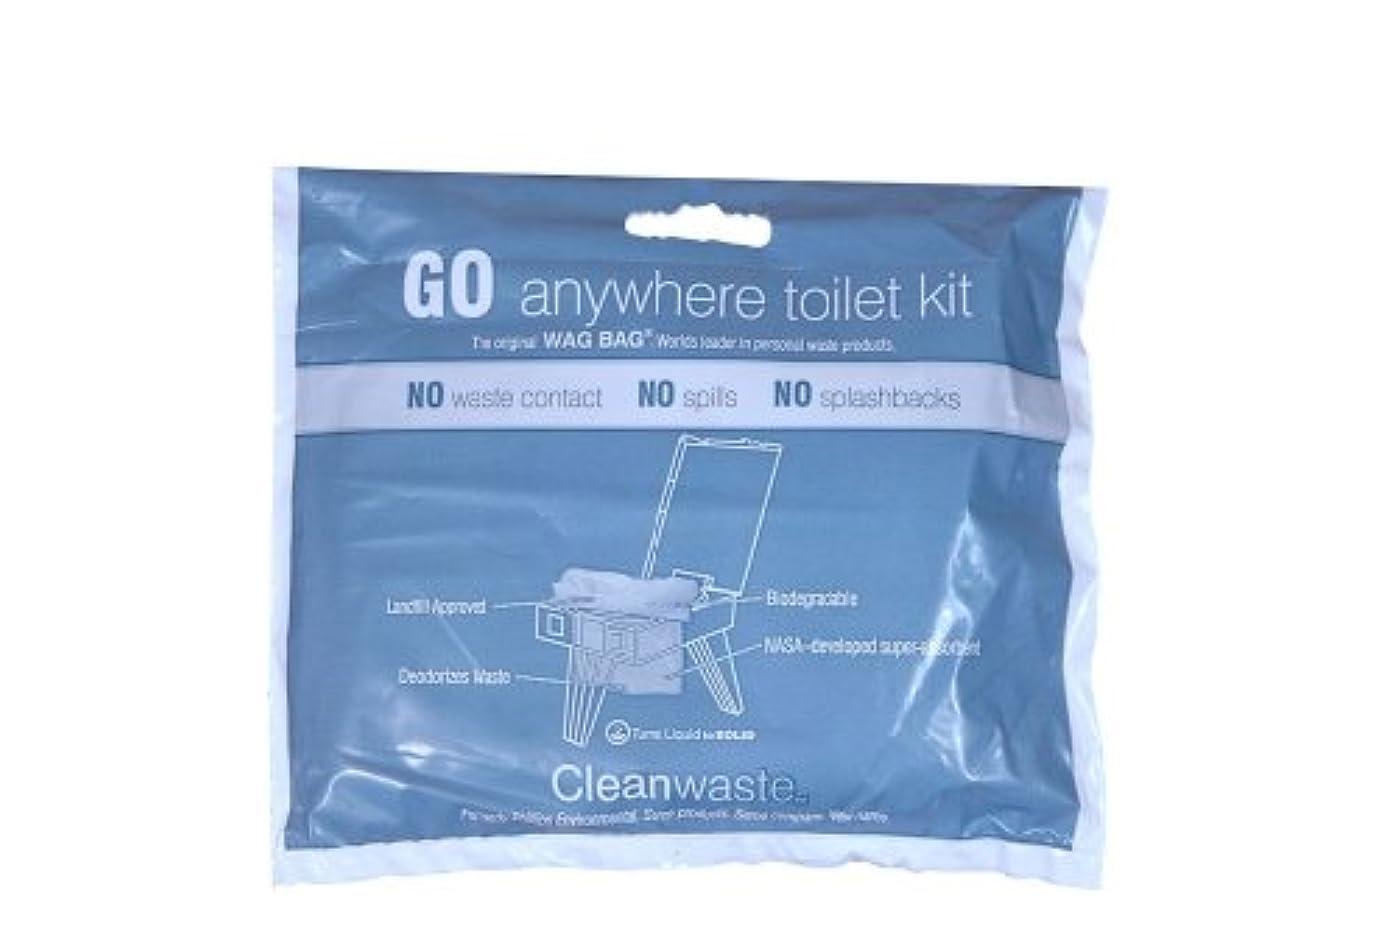 磁器厄介な誕生キット(50キット)廃棄どこでもGO Cleanwaste